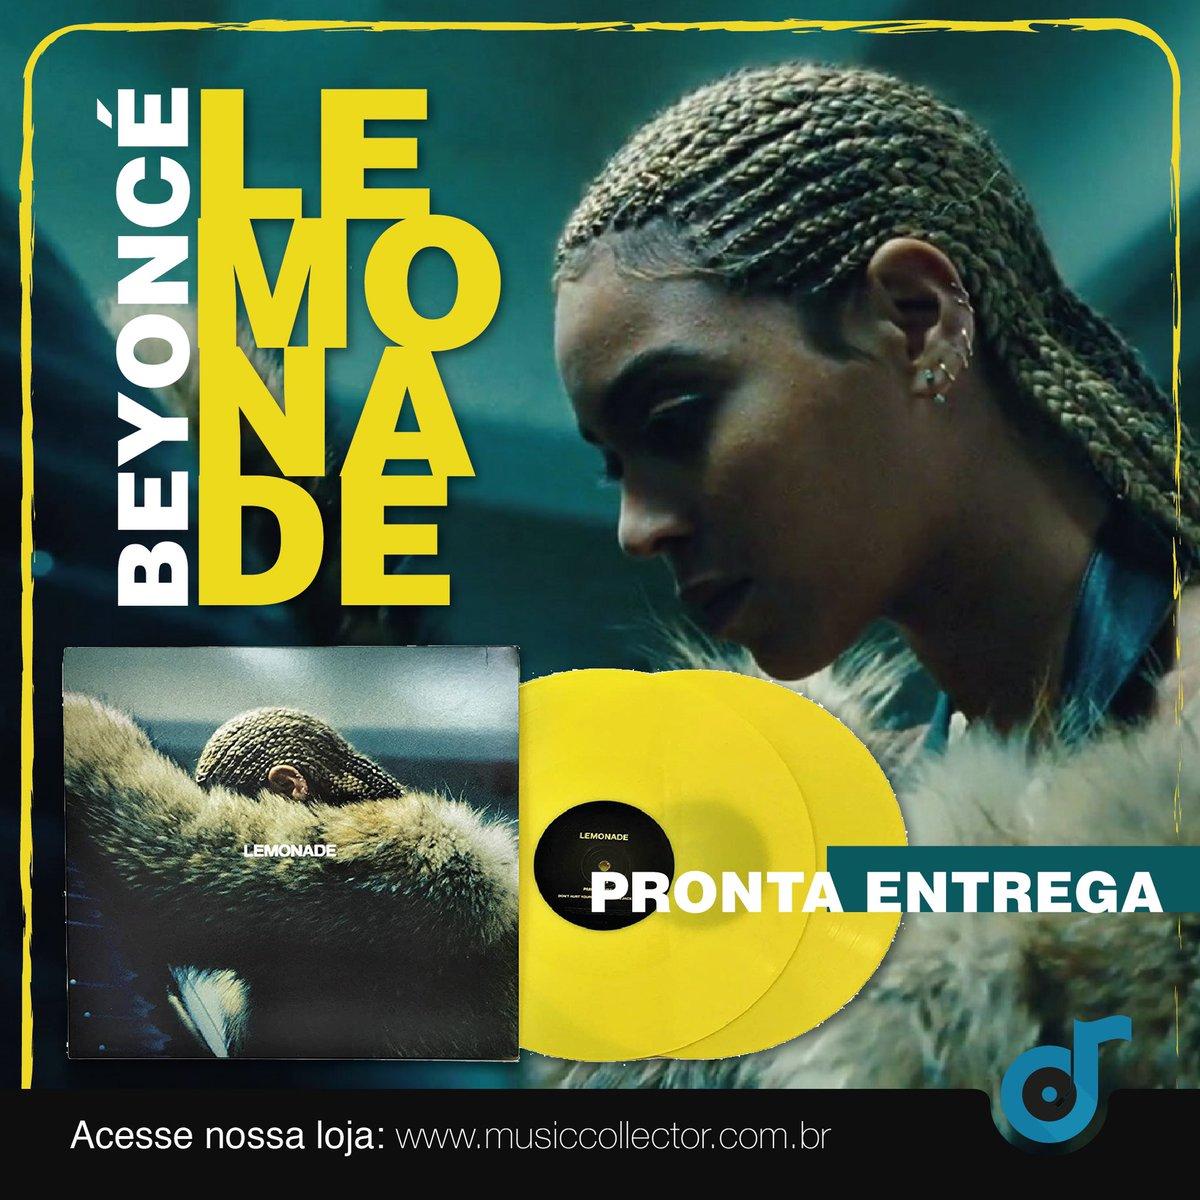 """""""Se a vida te der limão, faça uma limonada""""  E assim Beyoncé fez!  O LP duplo do LEMONADE já se encontra em nosso estoque e estará disponível para compra na abertura da loja, em 31/07.  #beyonce #lemonade #randb #vinil #vinillovers #musiccollector #musiccollectionpic.twitter.com/bFlwtHlEfB"""